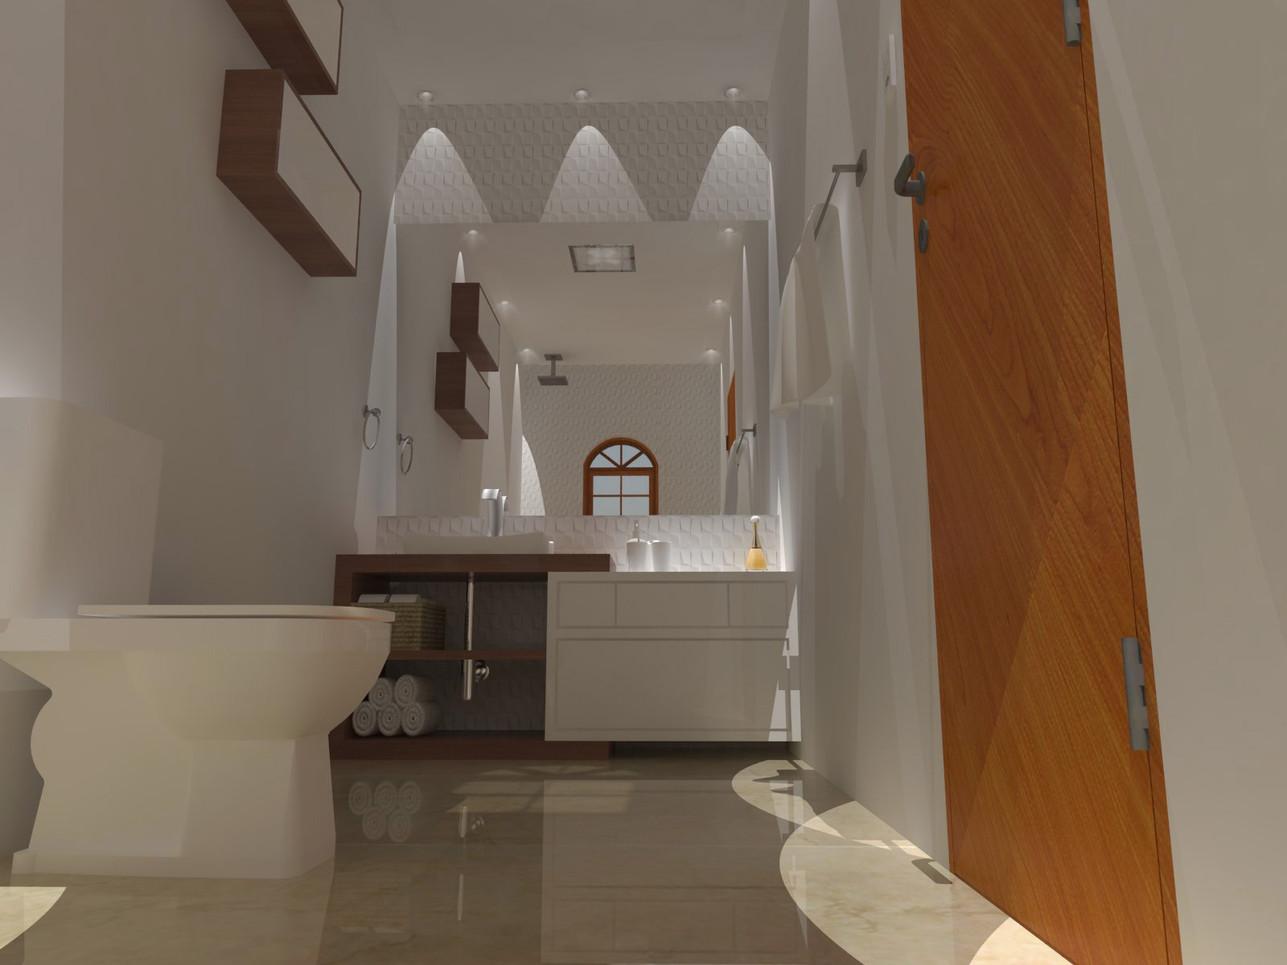 interno banho 1- 1 (2).jpg